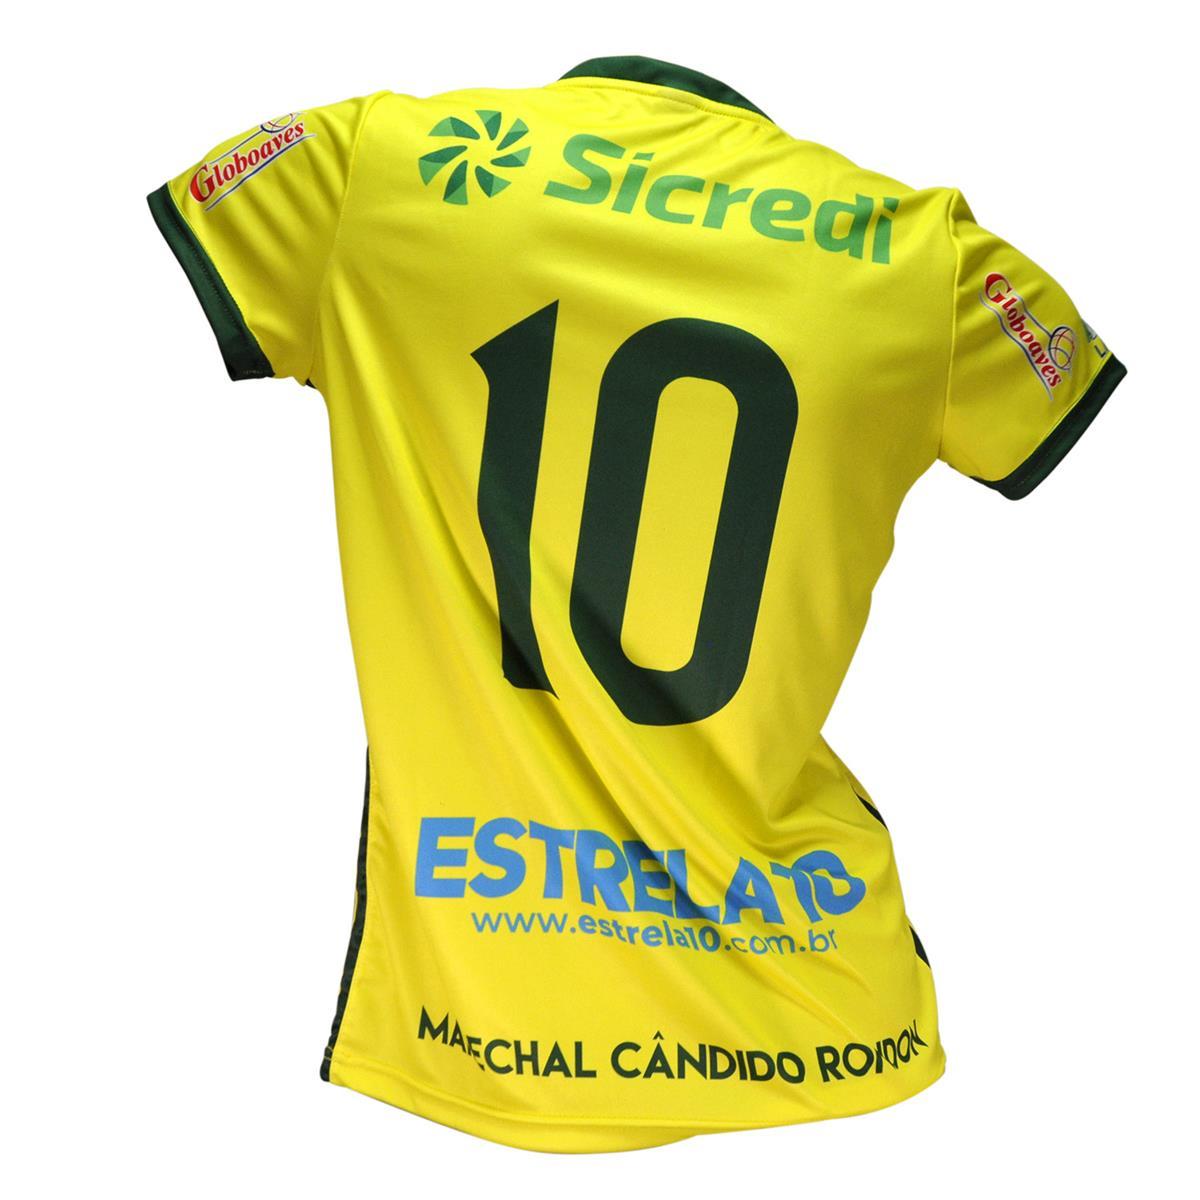 Camisa Baby Look Oficial Copagril Futsal 2018 Amarela na Estrela10 5eedc20aa8ed6